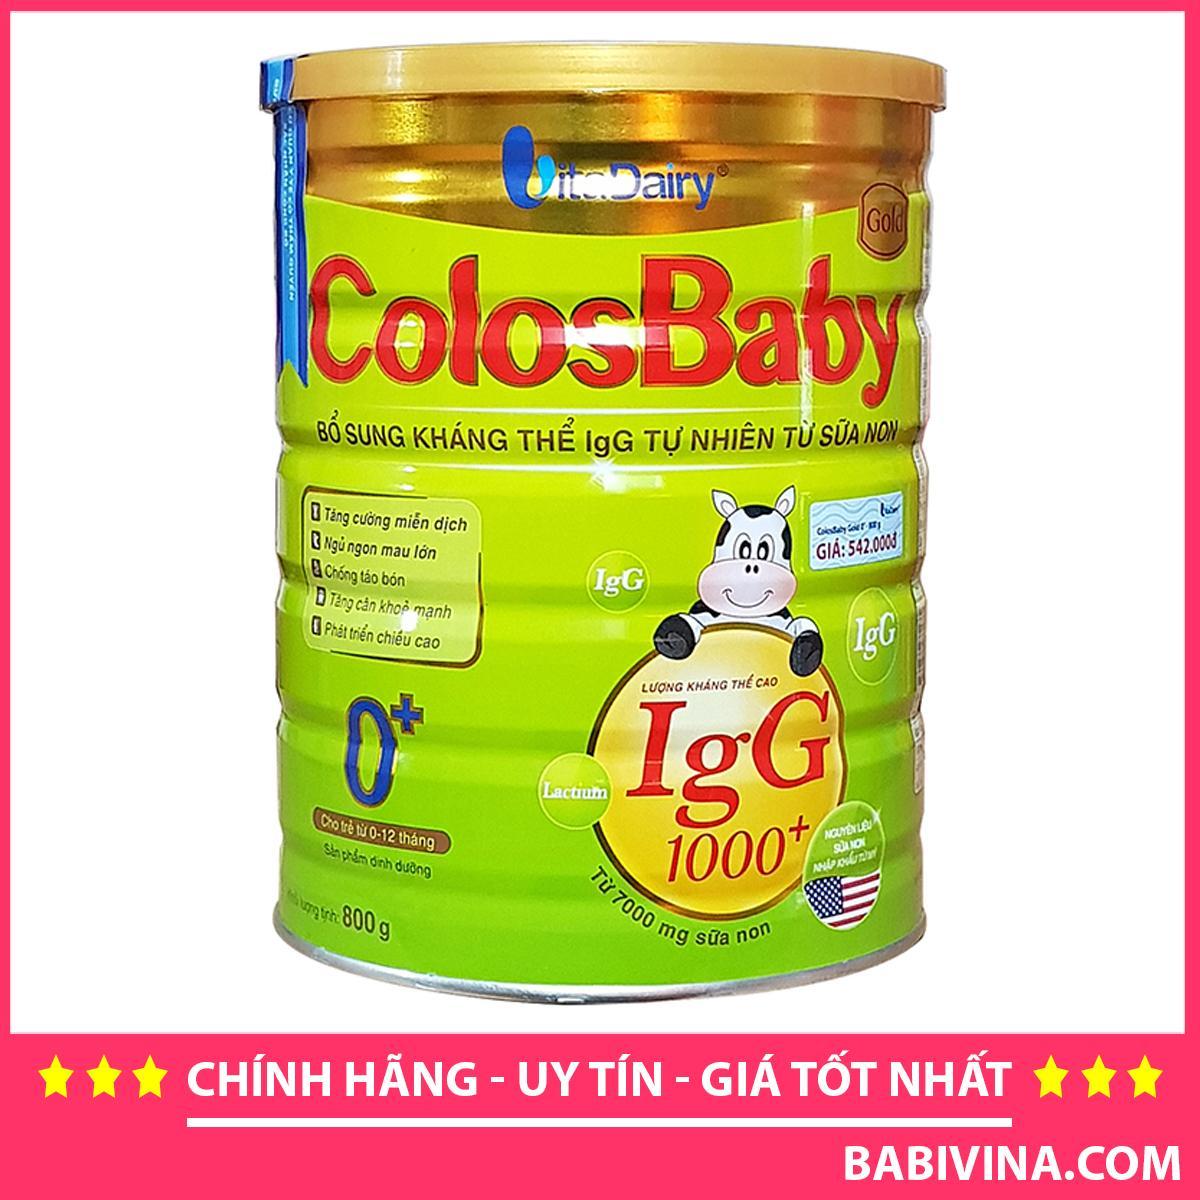 Sữa Non ColosBaby Gold Số 0 800g 1000IgG Cho Trẻ Từ 0-12 Tháng Tuổi